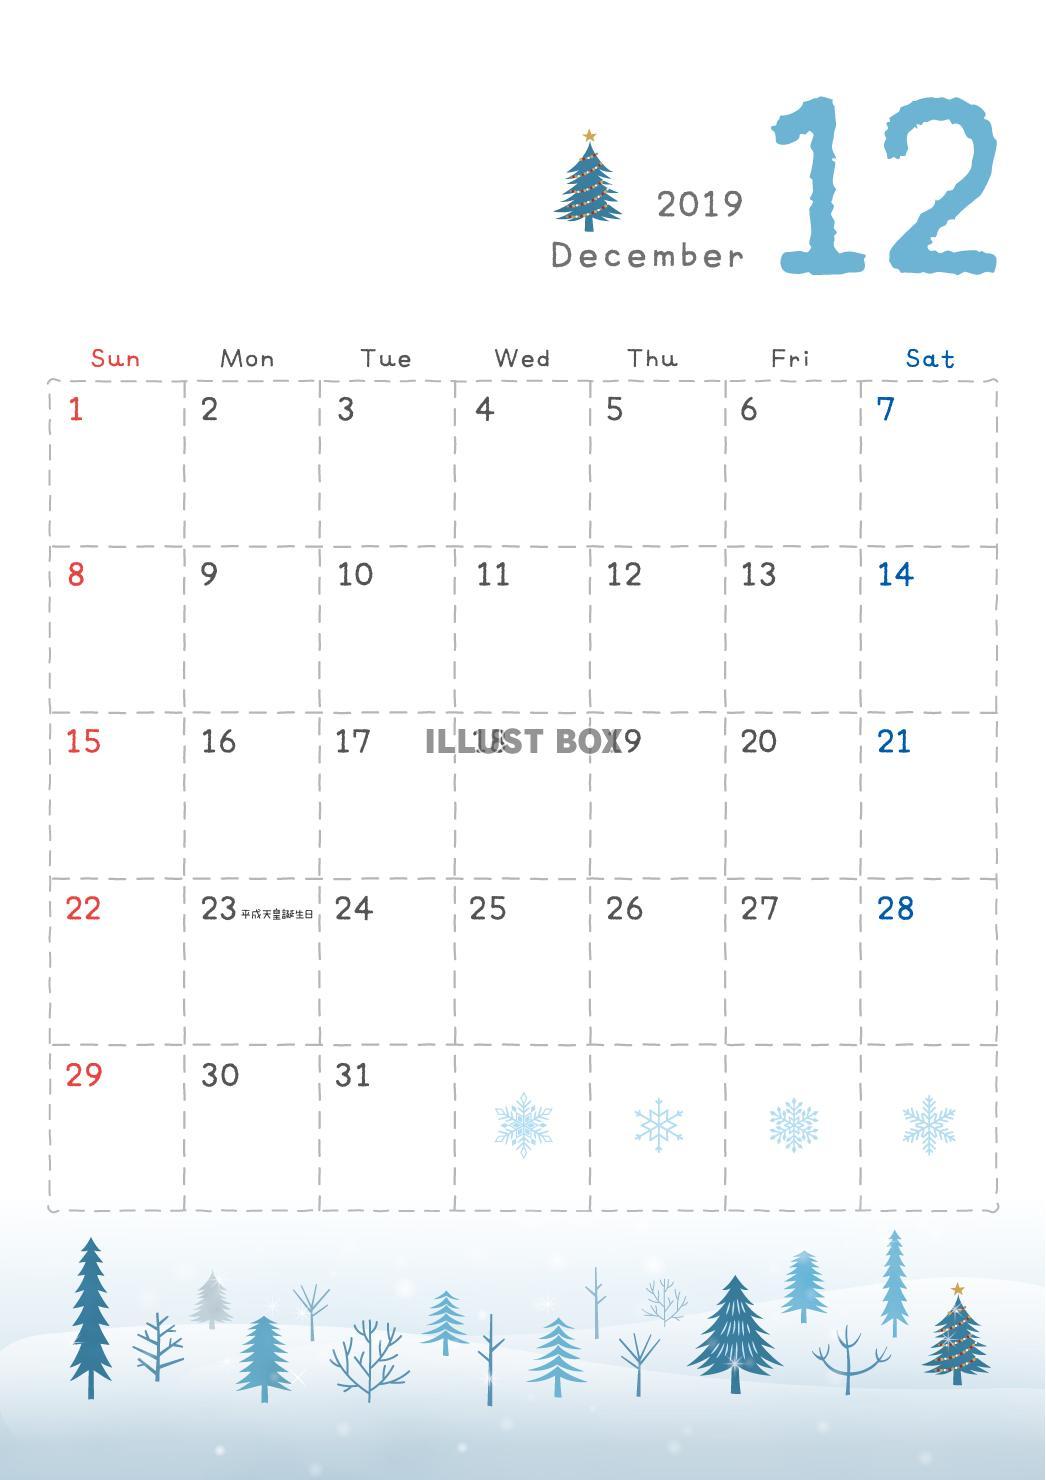 無料イラスト 2019年12月カレンダー 令和1年令和元年